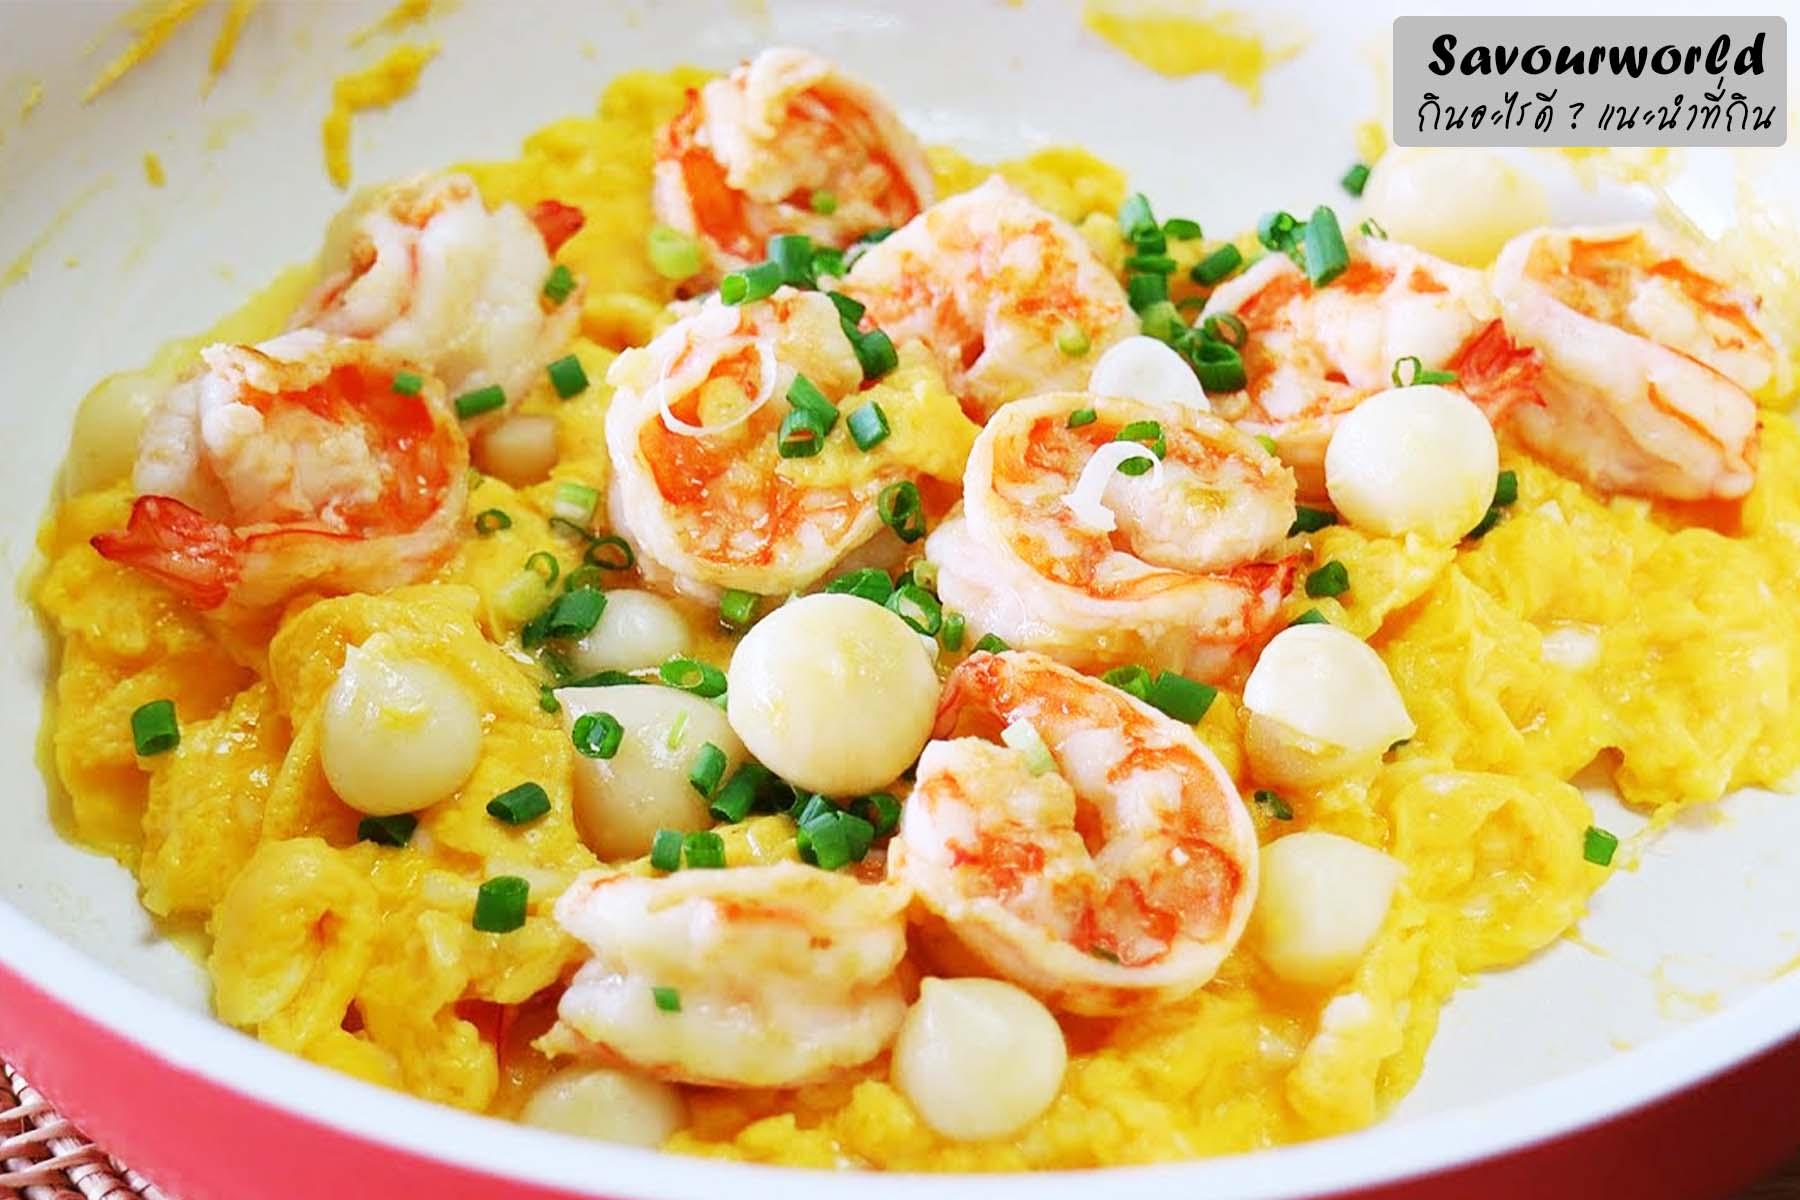 เมนูอร่อยทำง่าย กับกุ้งผัดไข่สูตรเด็ด - savourworld.com